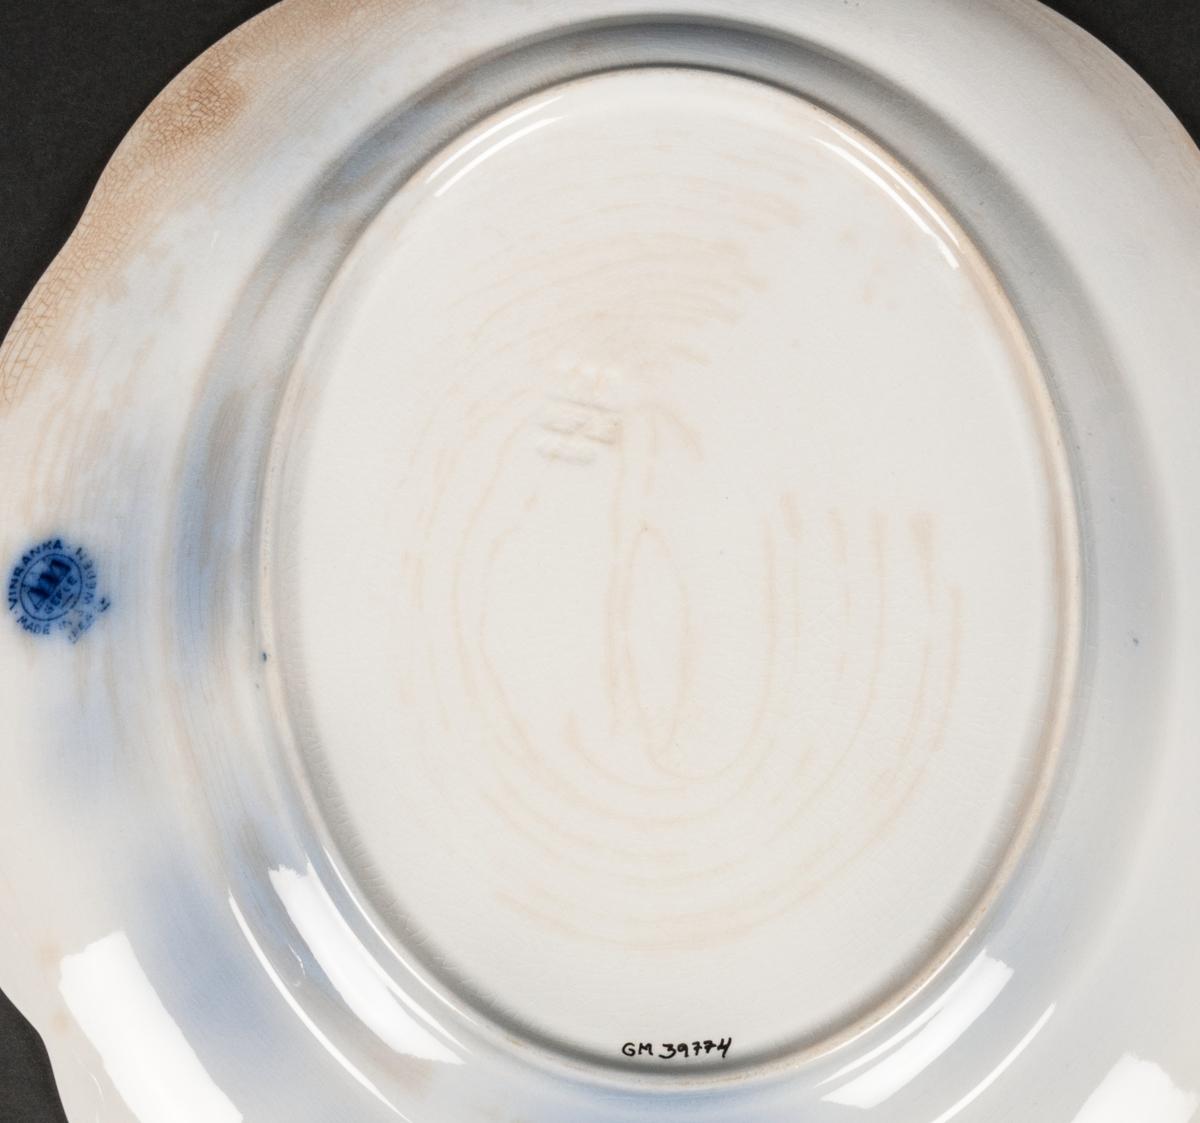 Uppläggningsfat, Modell AO. Vinranka blå. Vit botten med blå flytande dekor av vinrankor.